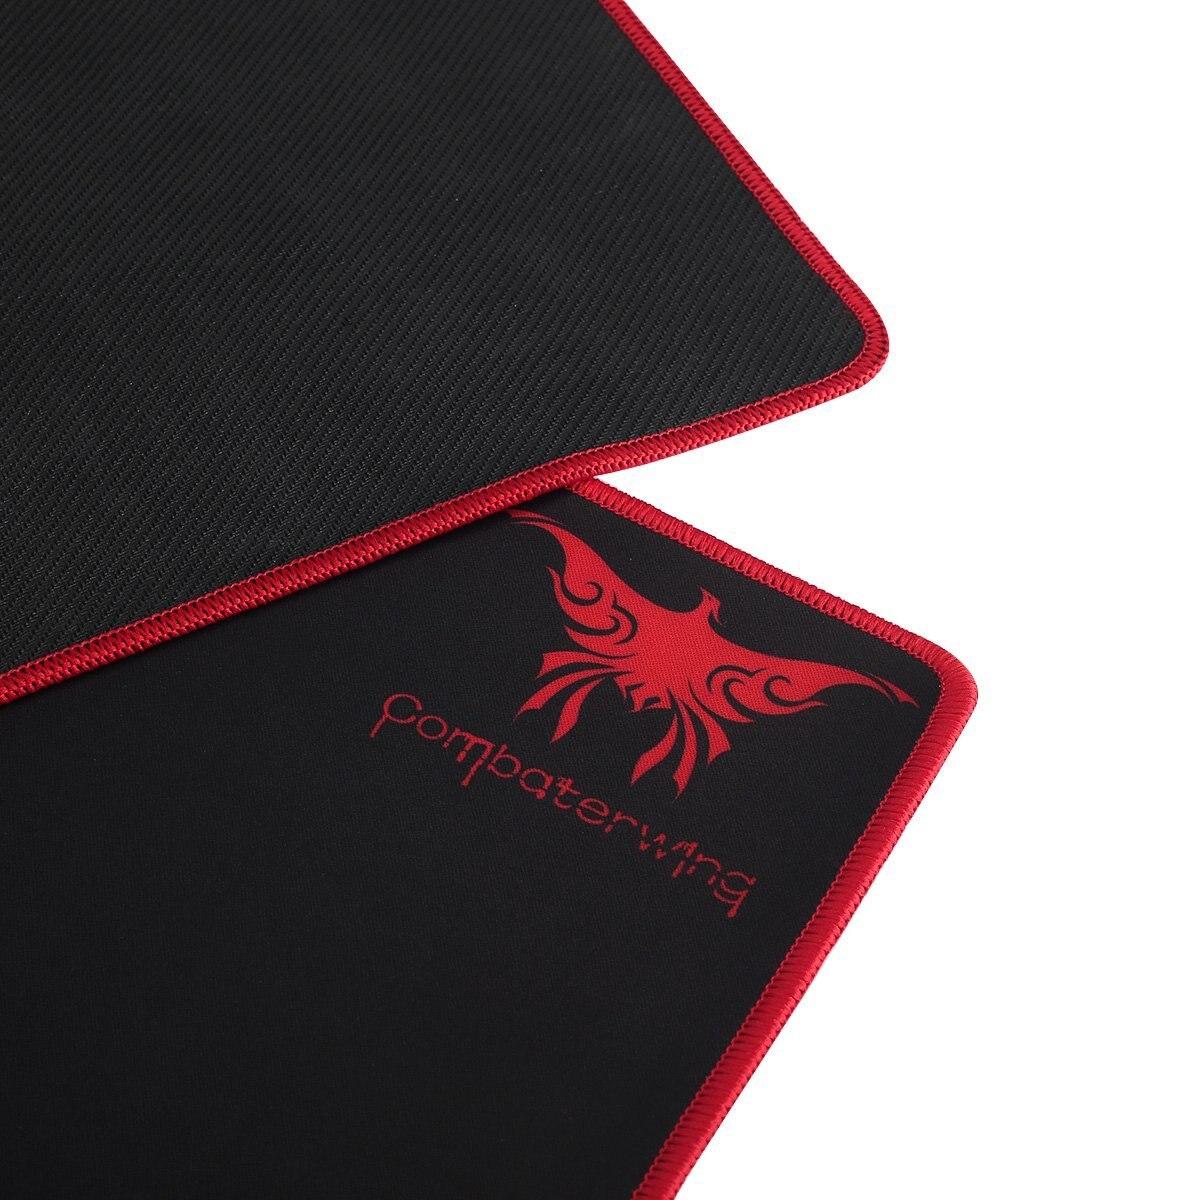 8,28 распродажа! Combaterwing Мышь Pad Extra Large компьютерных игр Мышь коврик 27,56 х 11,81 х 0,08